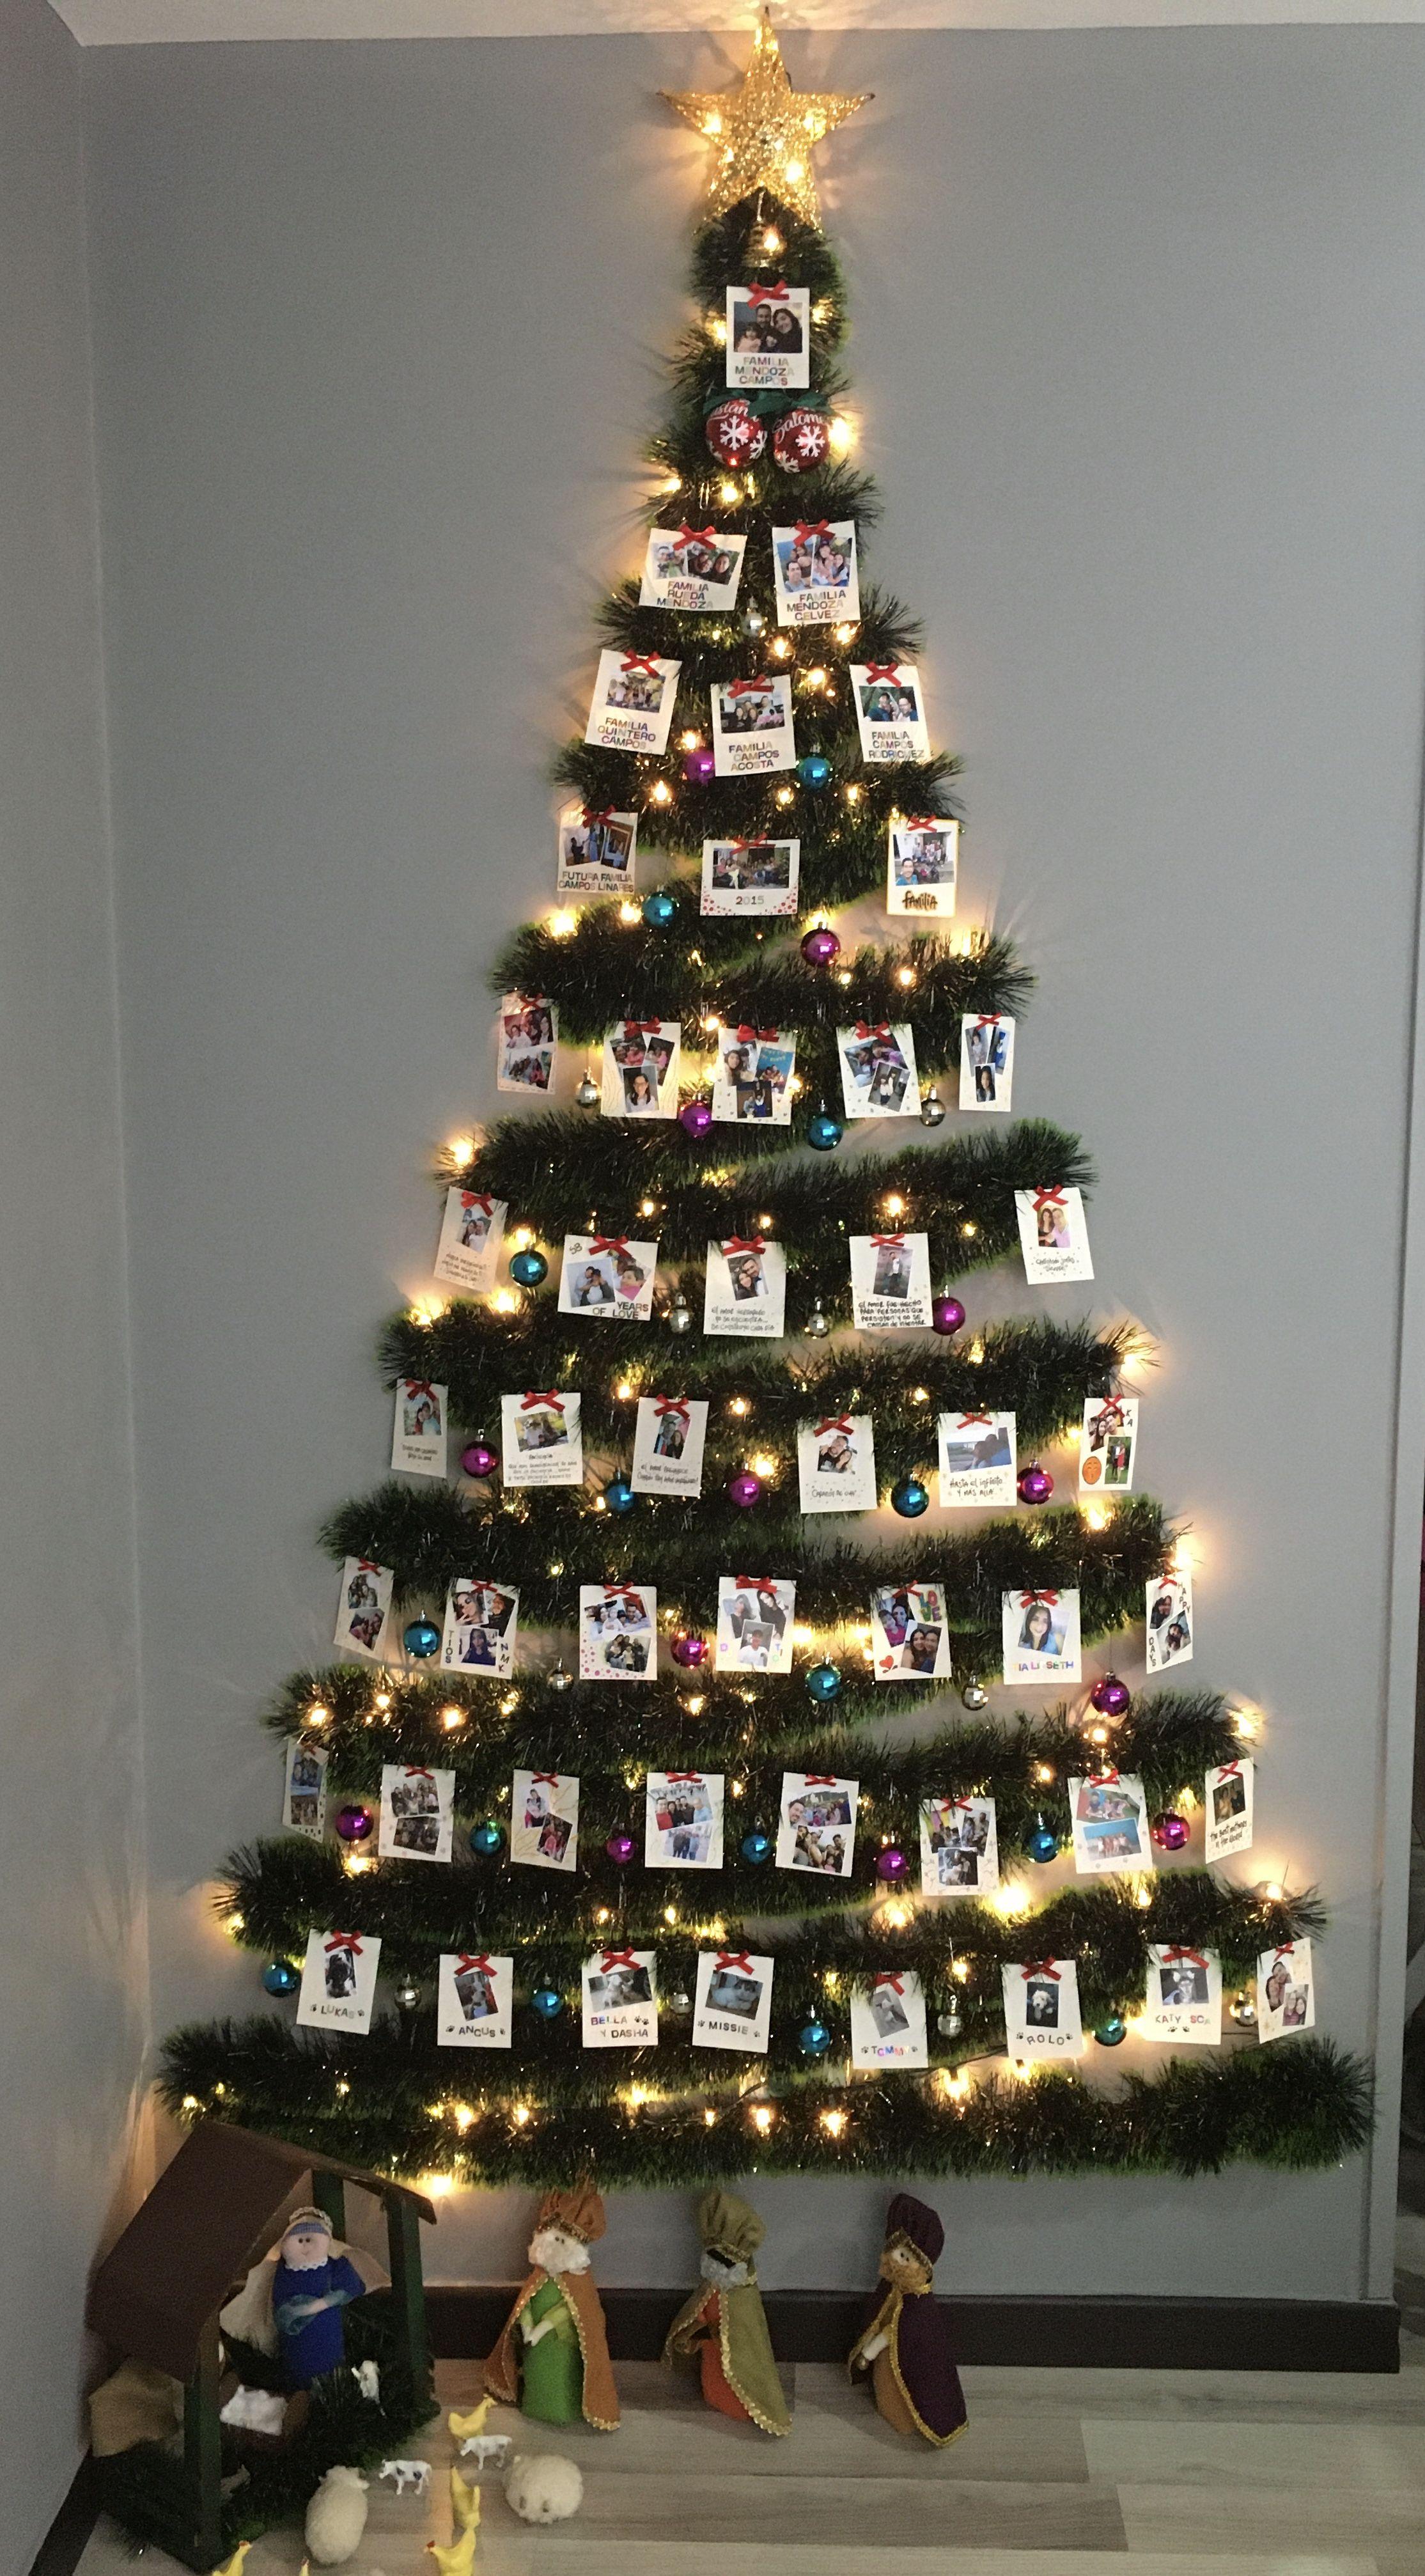 árbol De Navidad En La Pared Ideas De Arboles Navideños Decoración De Navidad Diy Adornos De Navidad Ideas